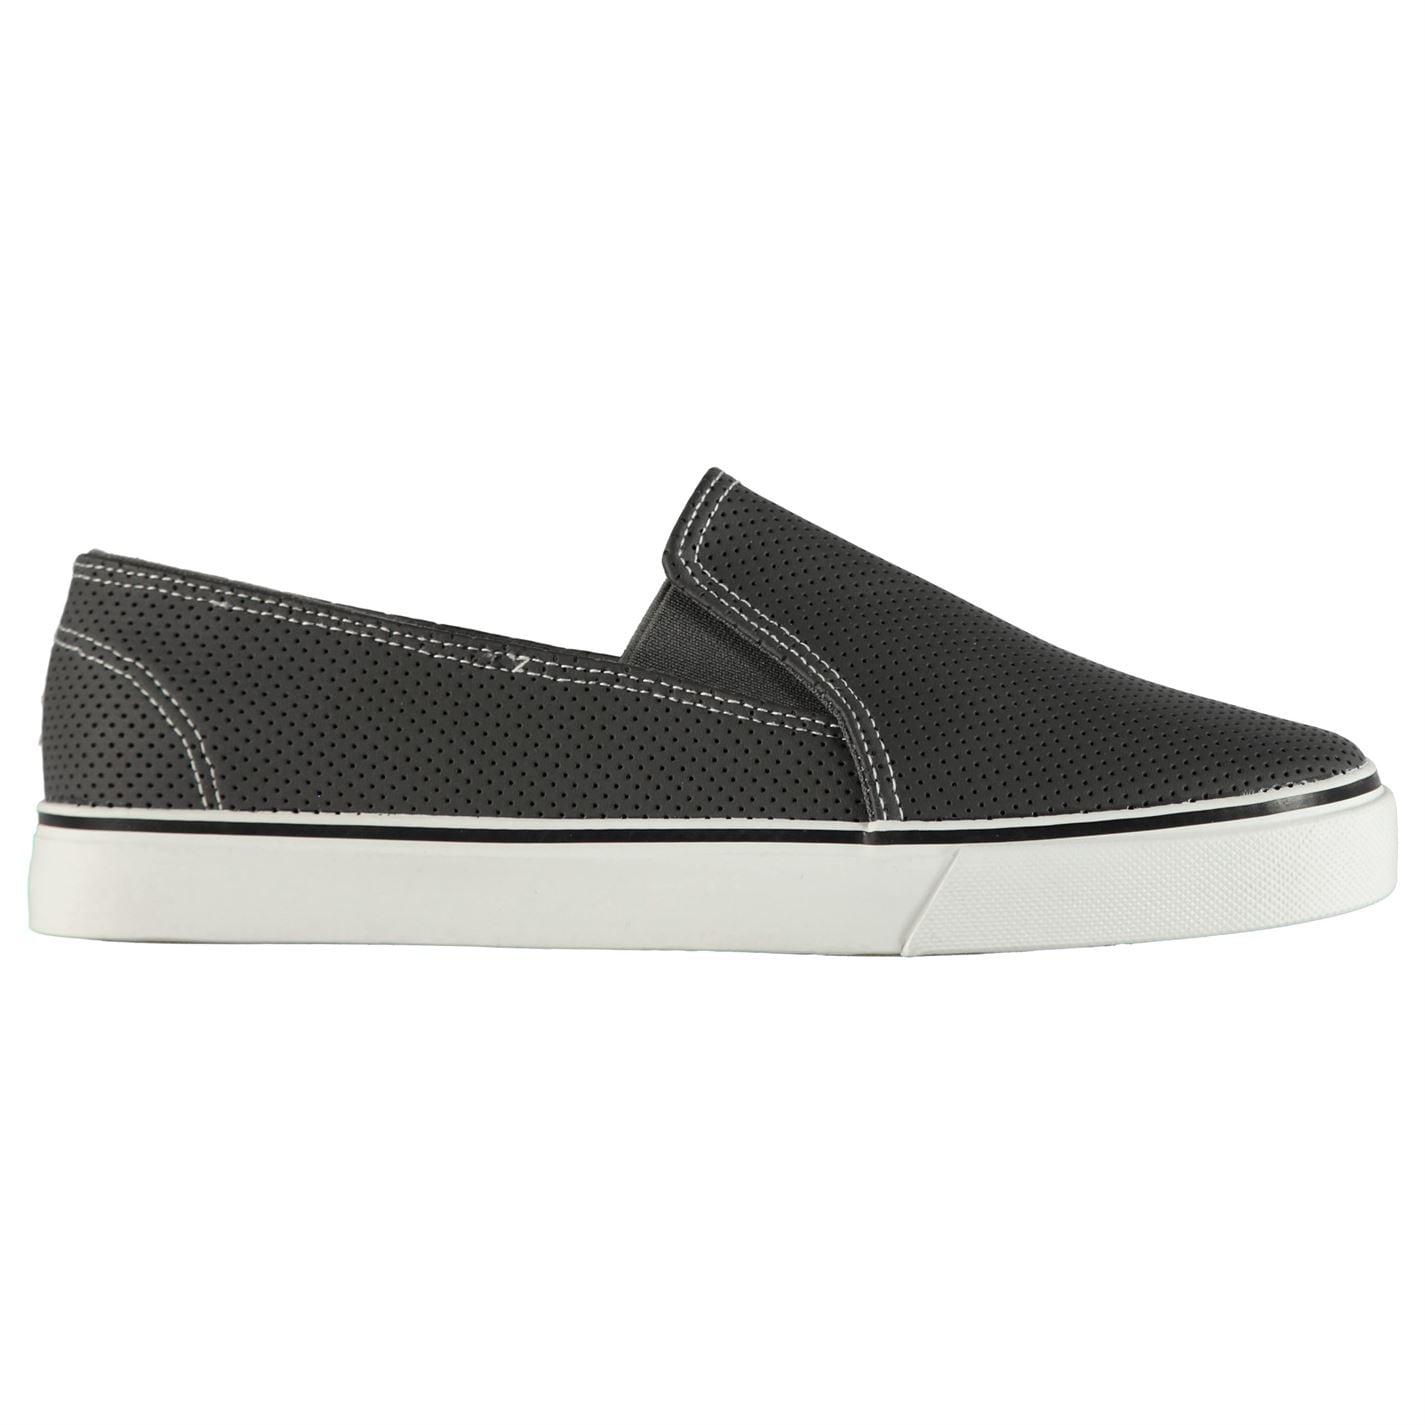 Lee Cooper Perforated Pánská obuv 11092702 SD_10 (44)